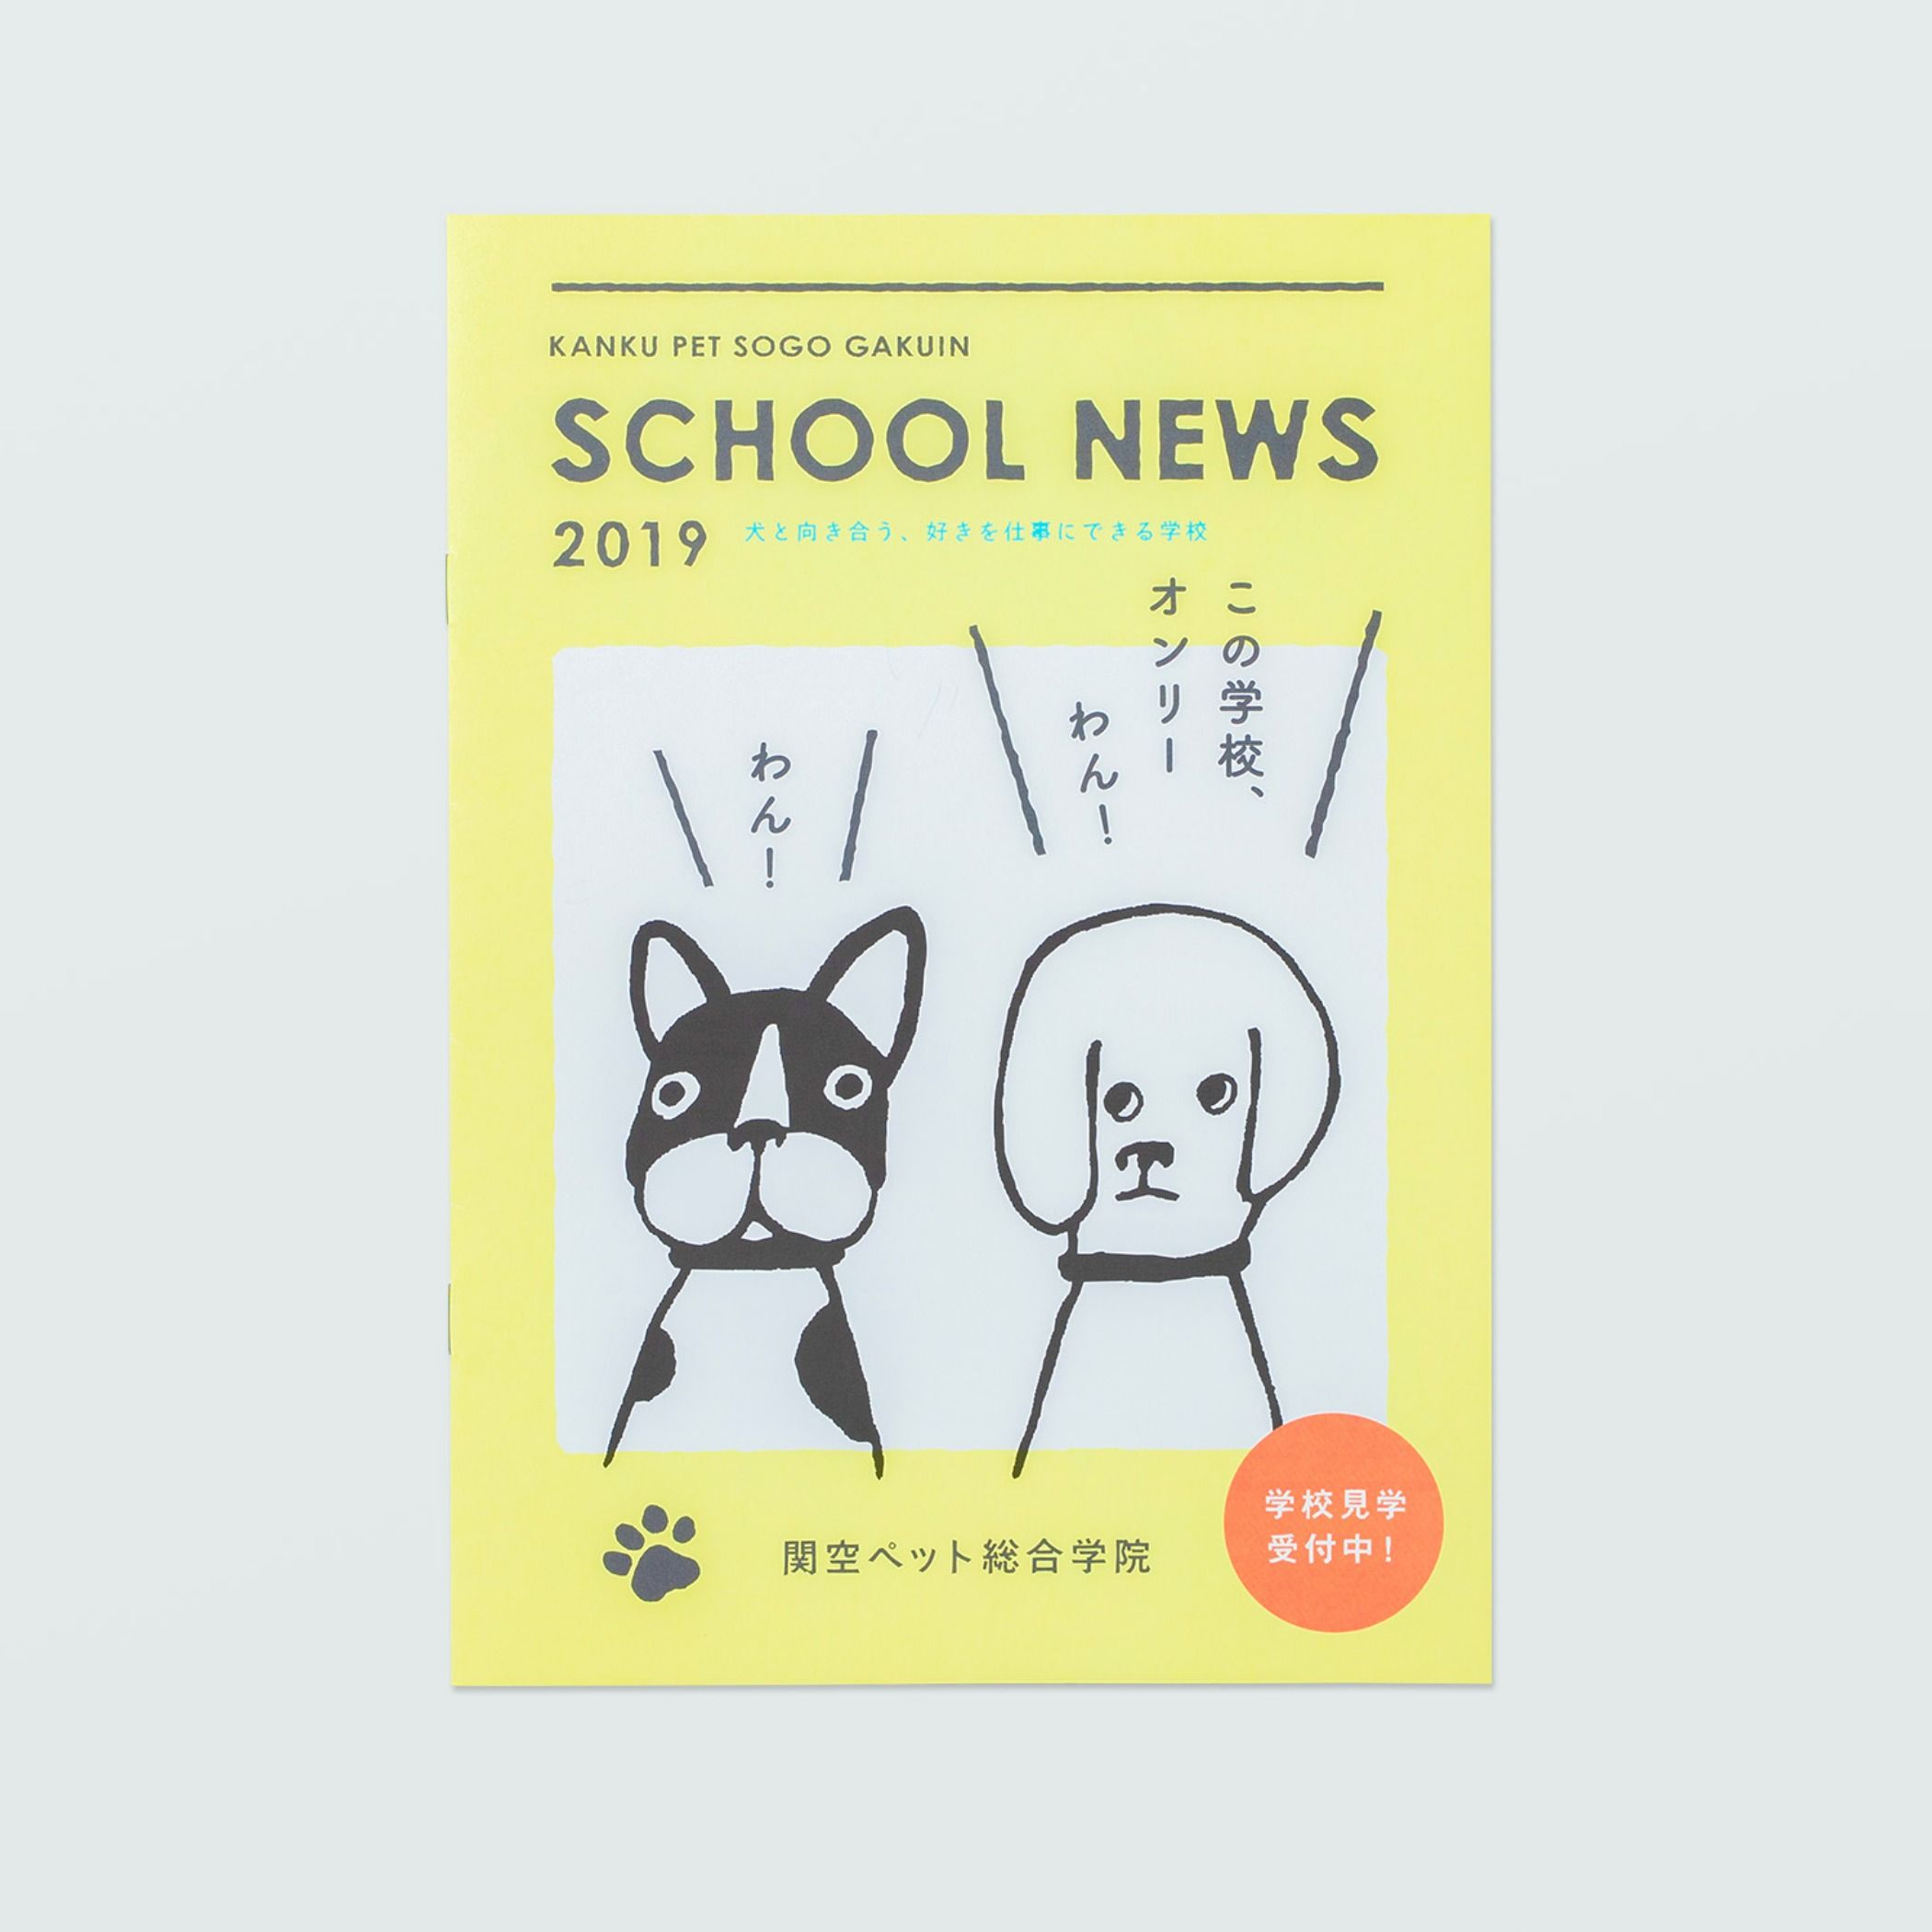 関空ペット総合学院 スクールガイド 学校 パンフレット ロゴデザイン パンフレット 表紙